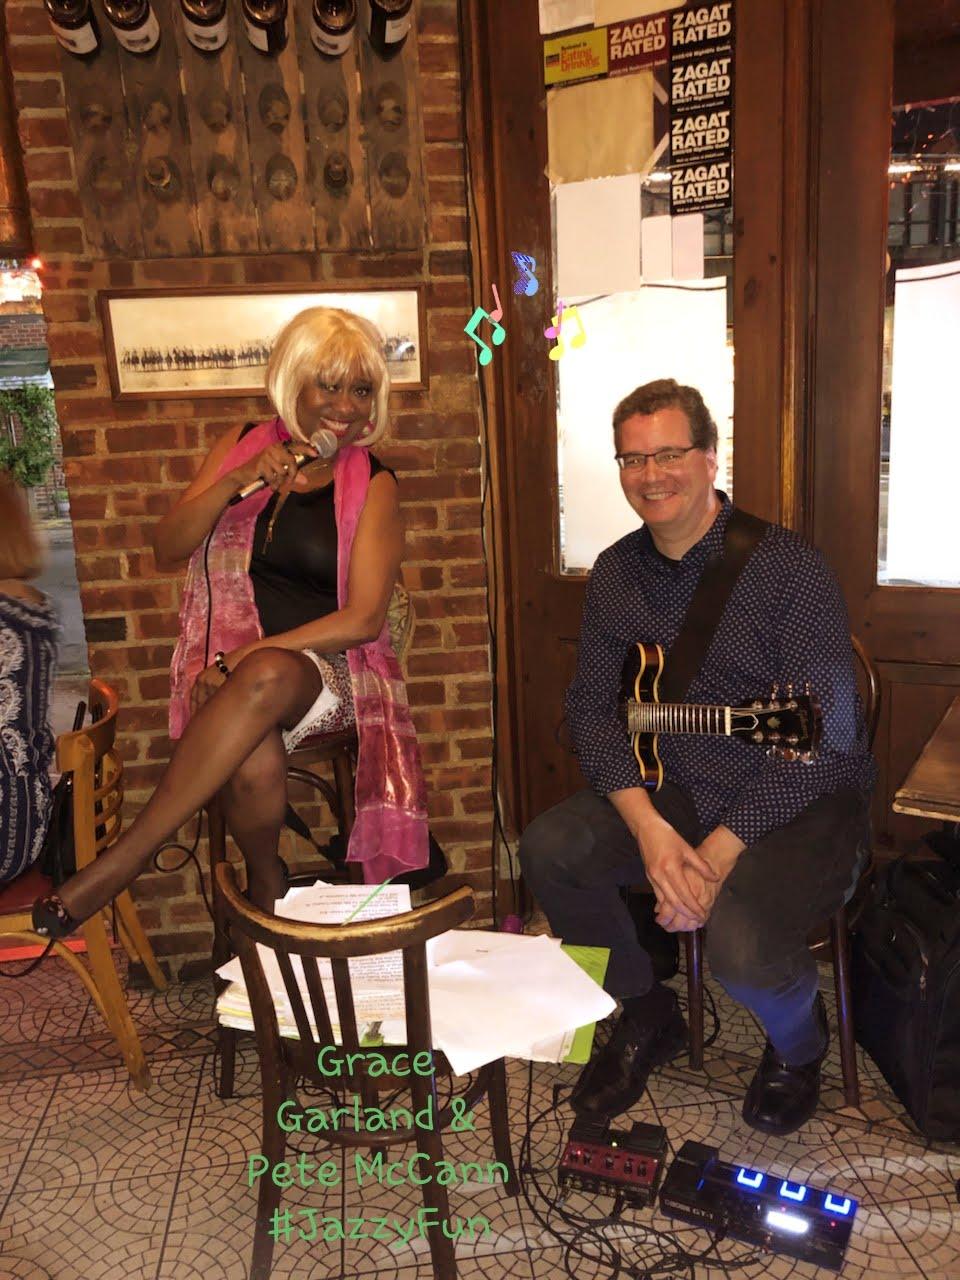 Grace Garland & Scott Ritchie & Pete Mccann: Grace Garland Trio!